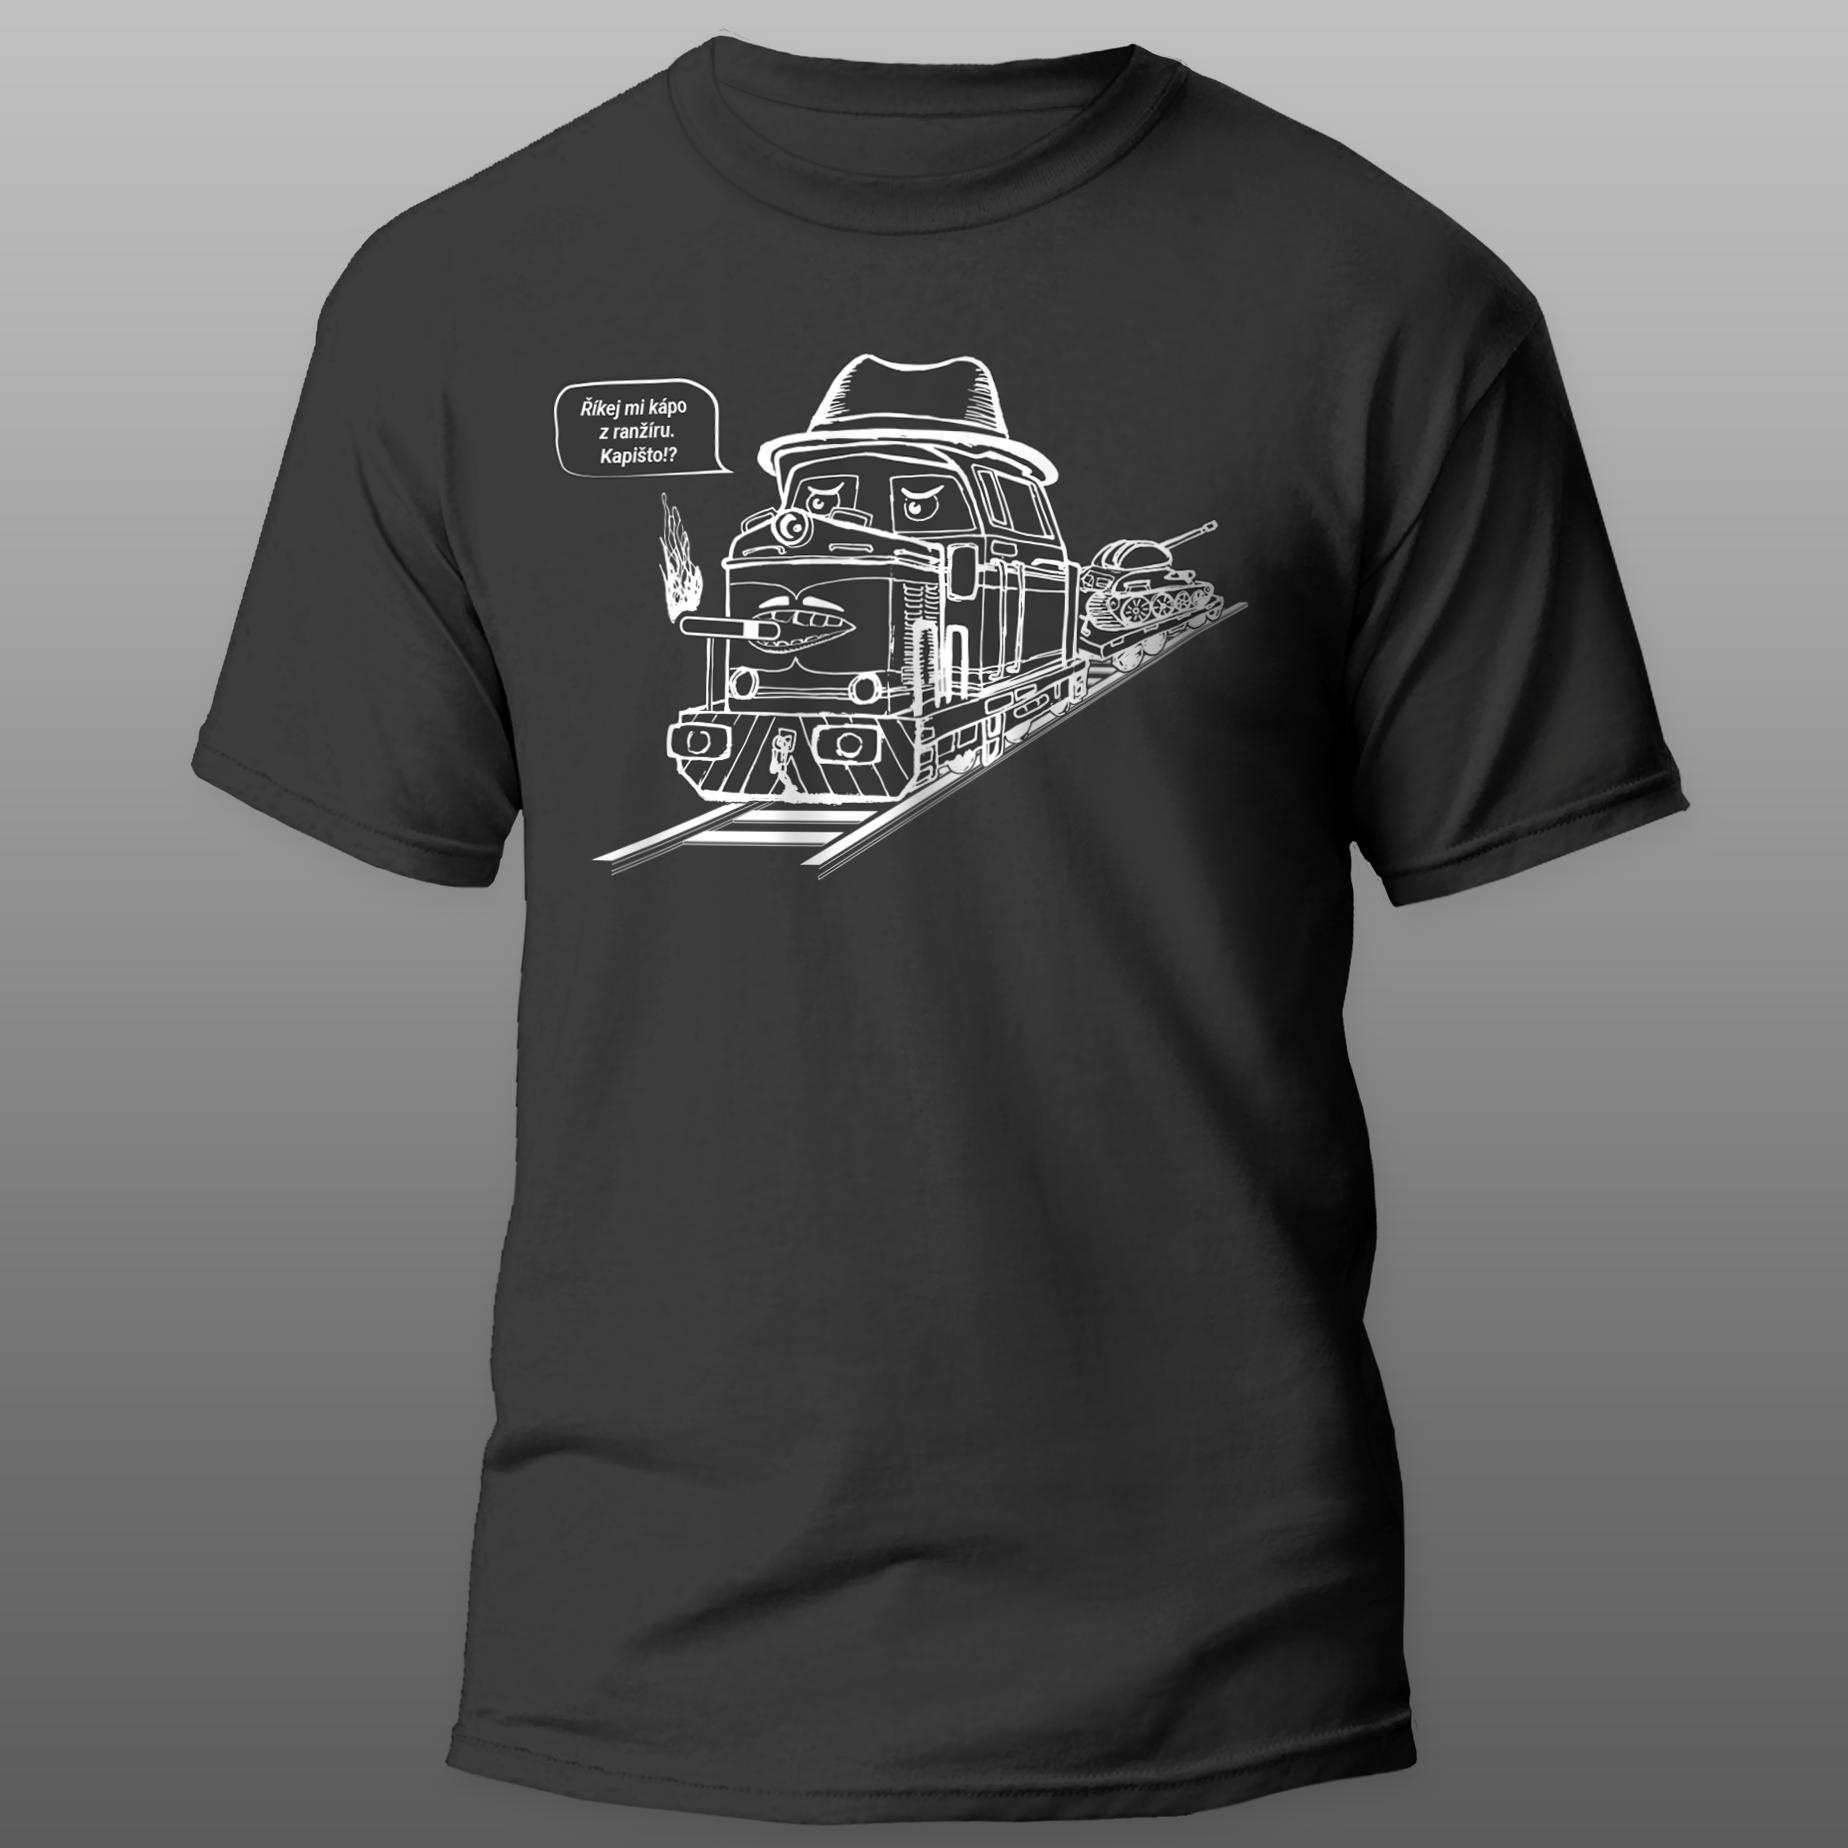 Mašinka na tričku